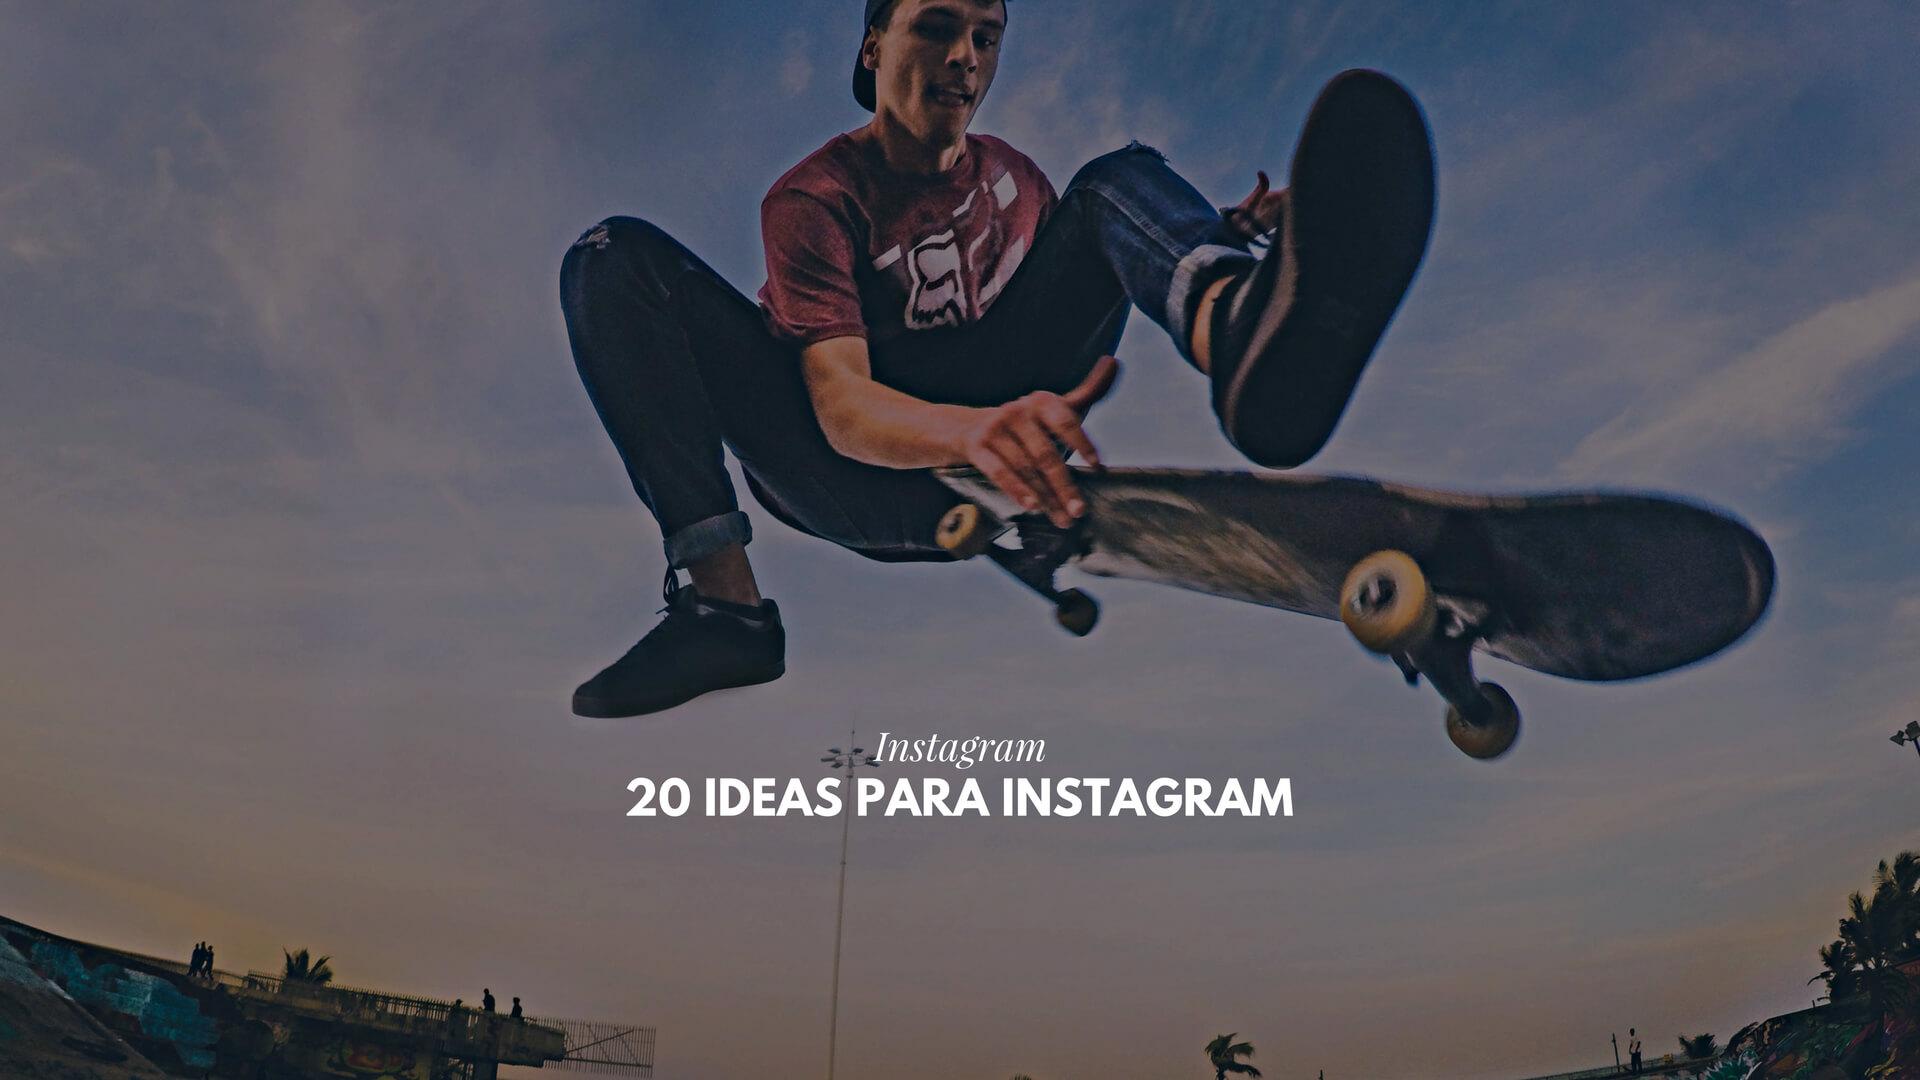 Ideas para instagram : 20 ideas para publicar en Instagram